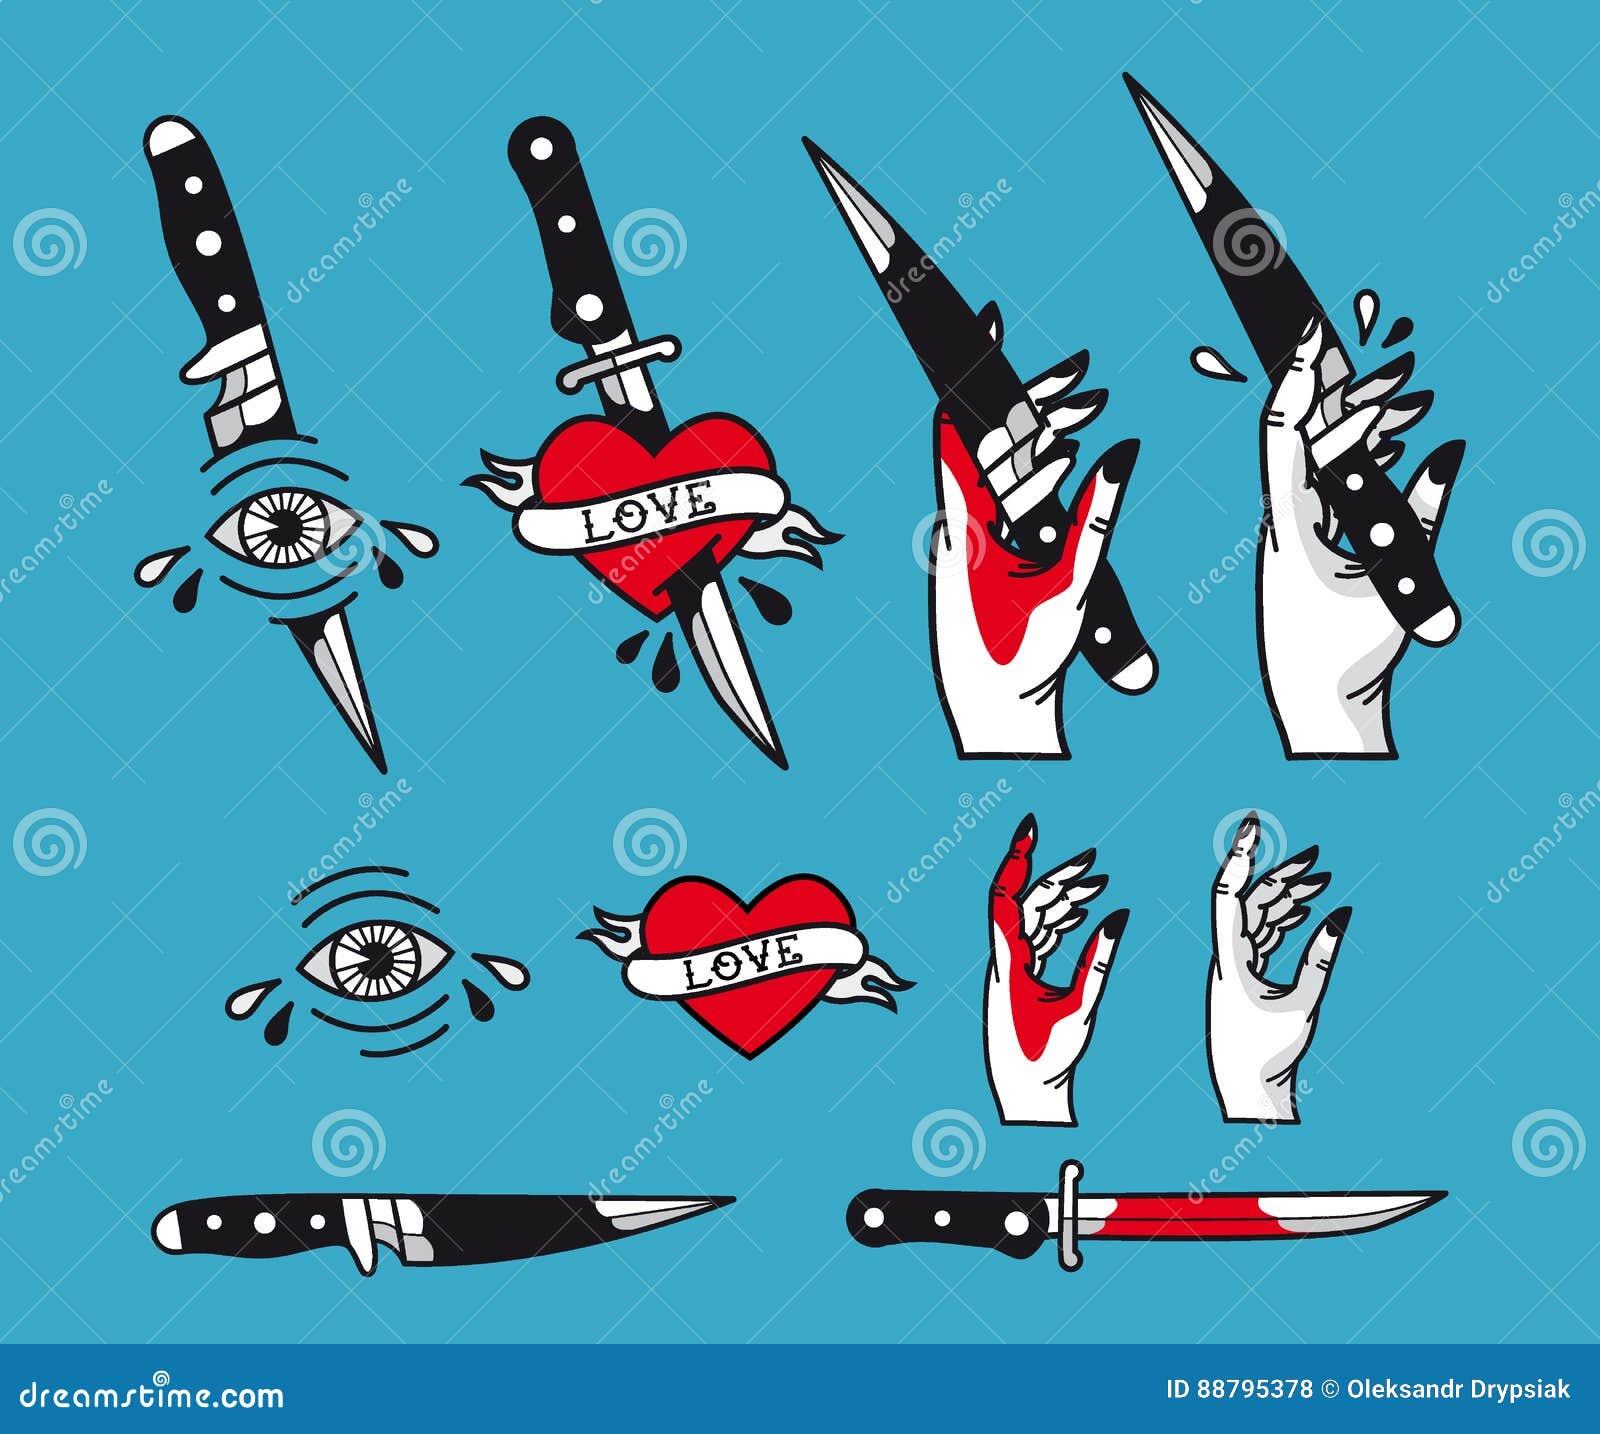 Le Style Traditionnel De Tatouage De Vecteur A Place Des Coeurs